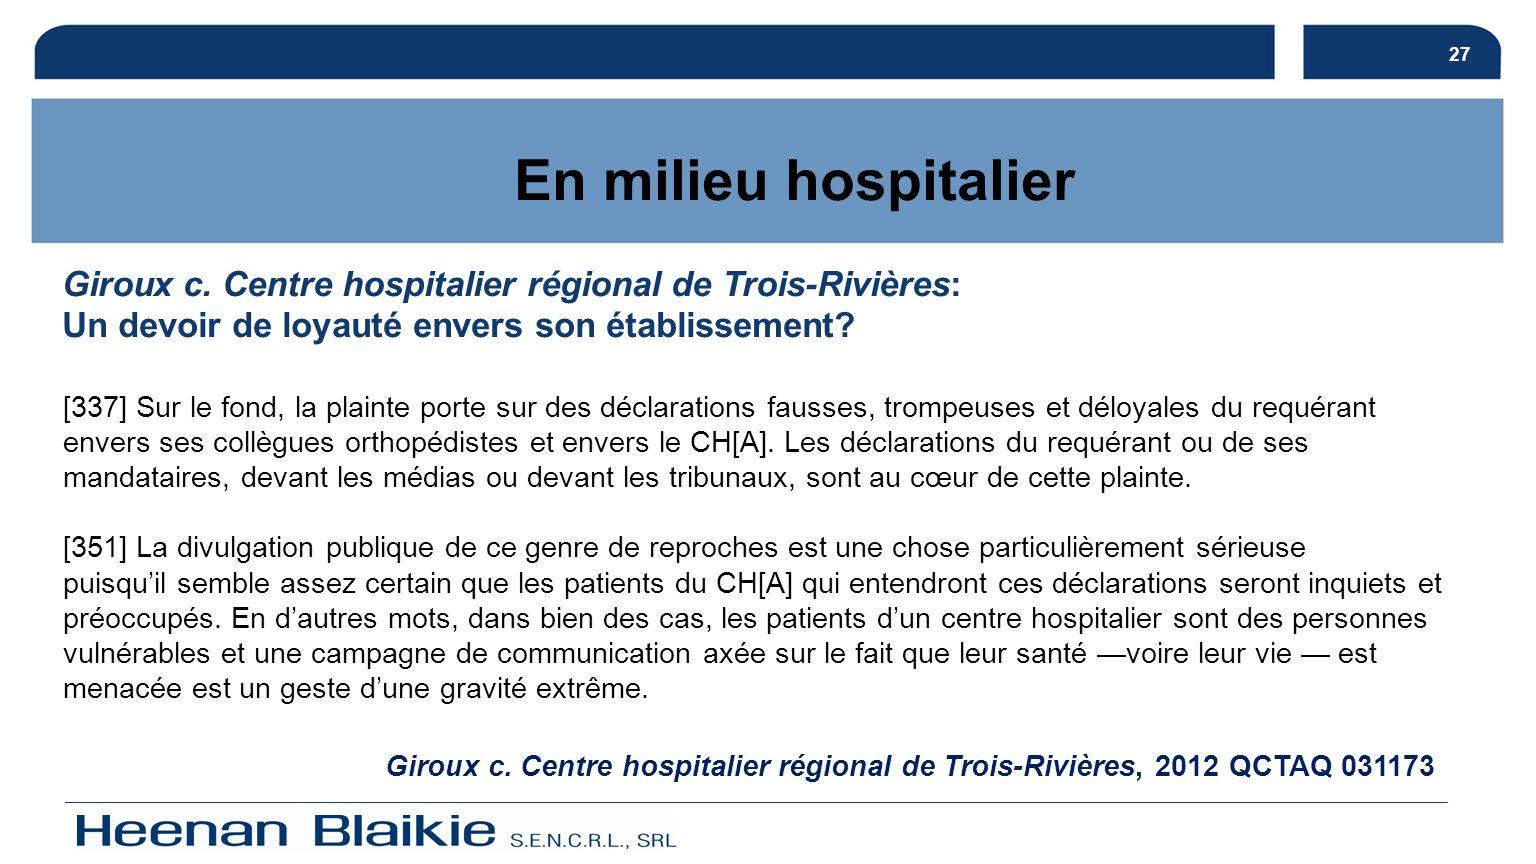 27 Giroux c. Centre hospitalier régional de Trois-Rivières: Un devoir de loyauté envers son établissement? Giroux c. Centre hospitalier régional de Tr